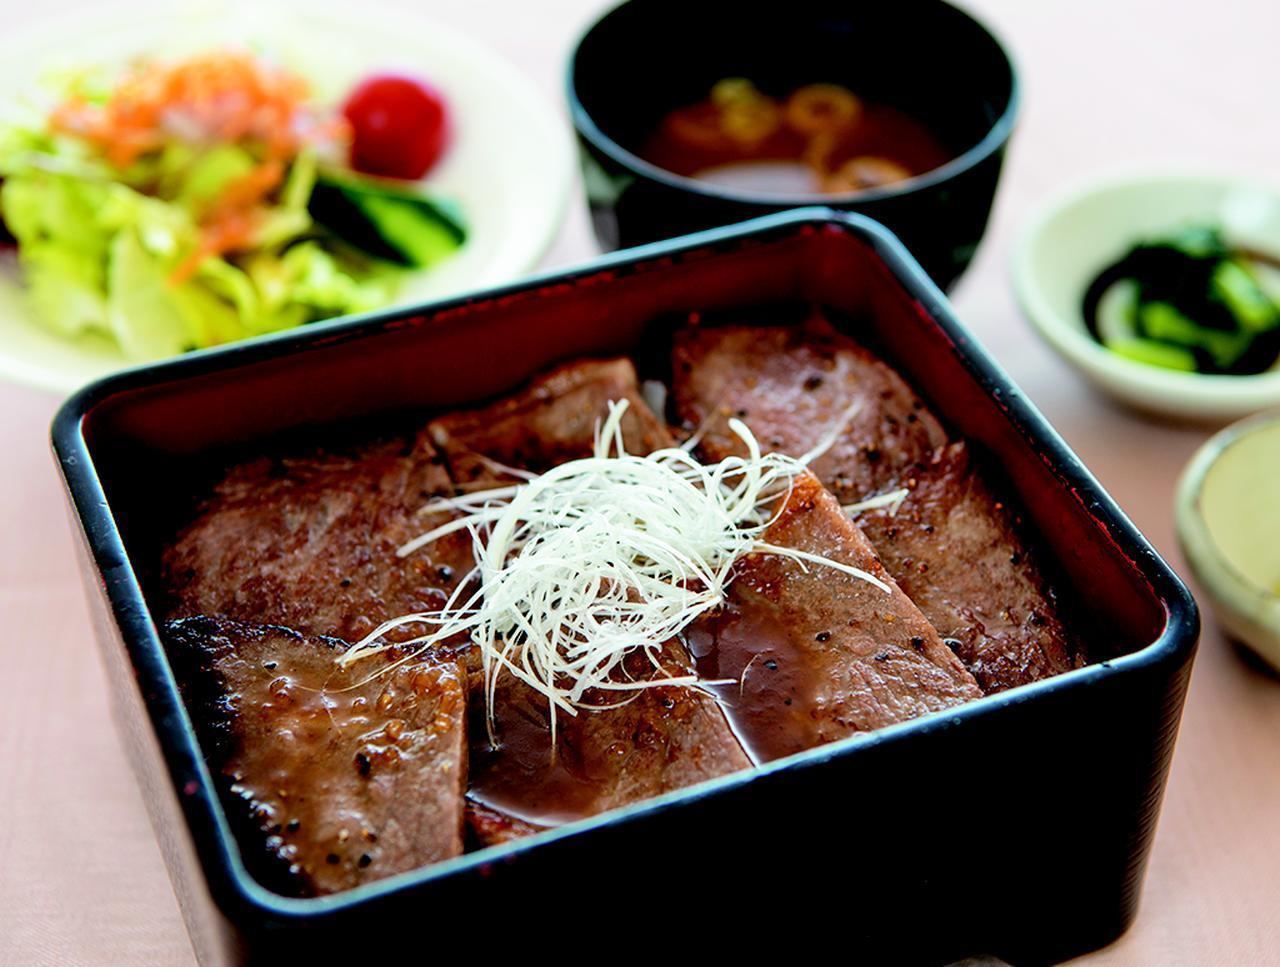 画像: 特選飛騨牛ステーキ重・・・2000円 A5ランクの飛騨牛を贅沢に使用。料理長おすすめの一品。サラダ、味噌汁、香の物付き